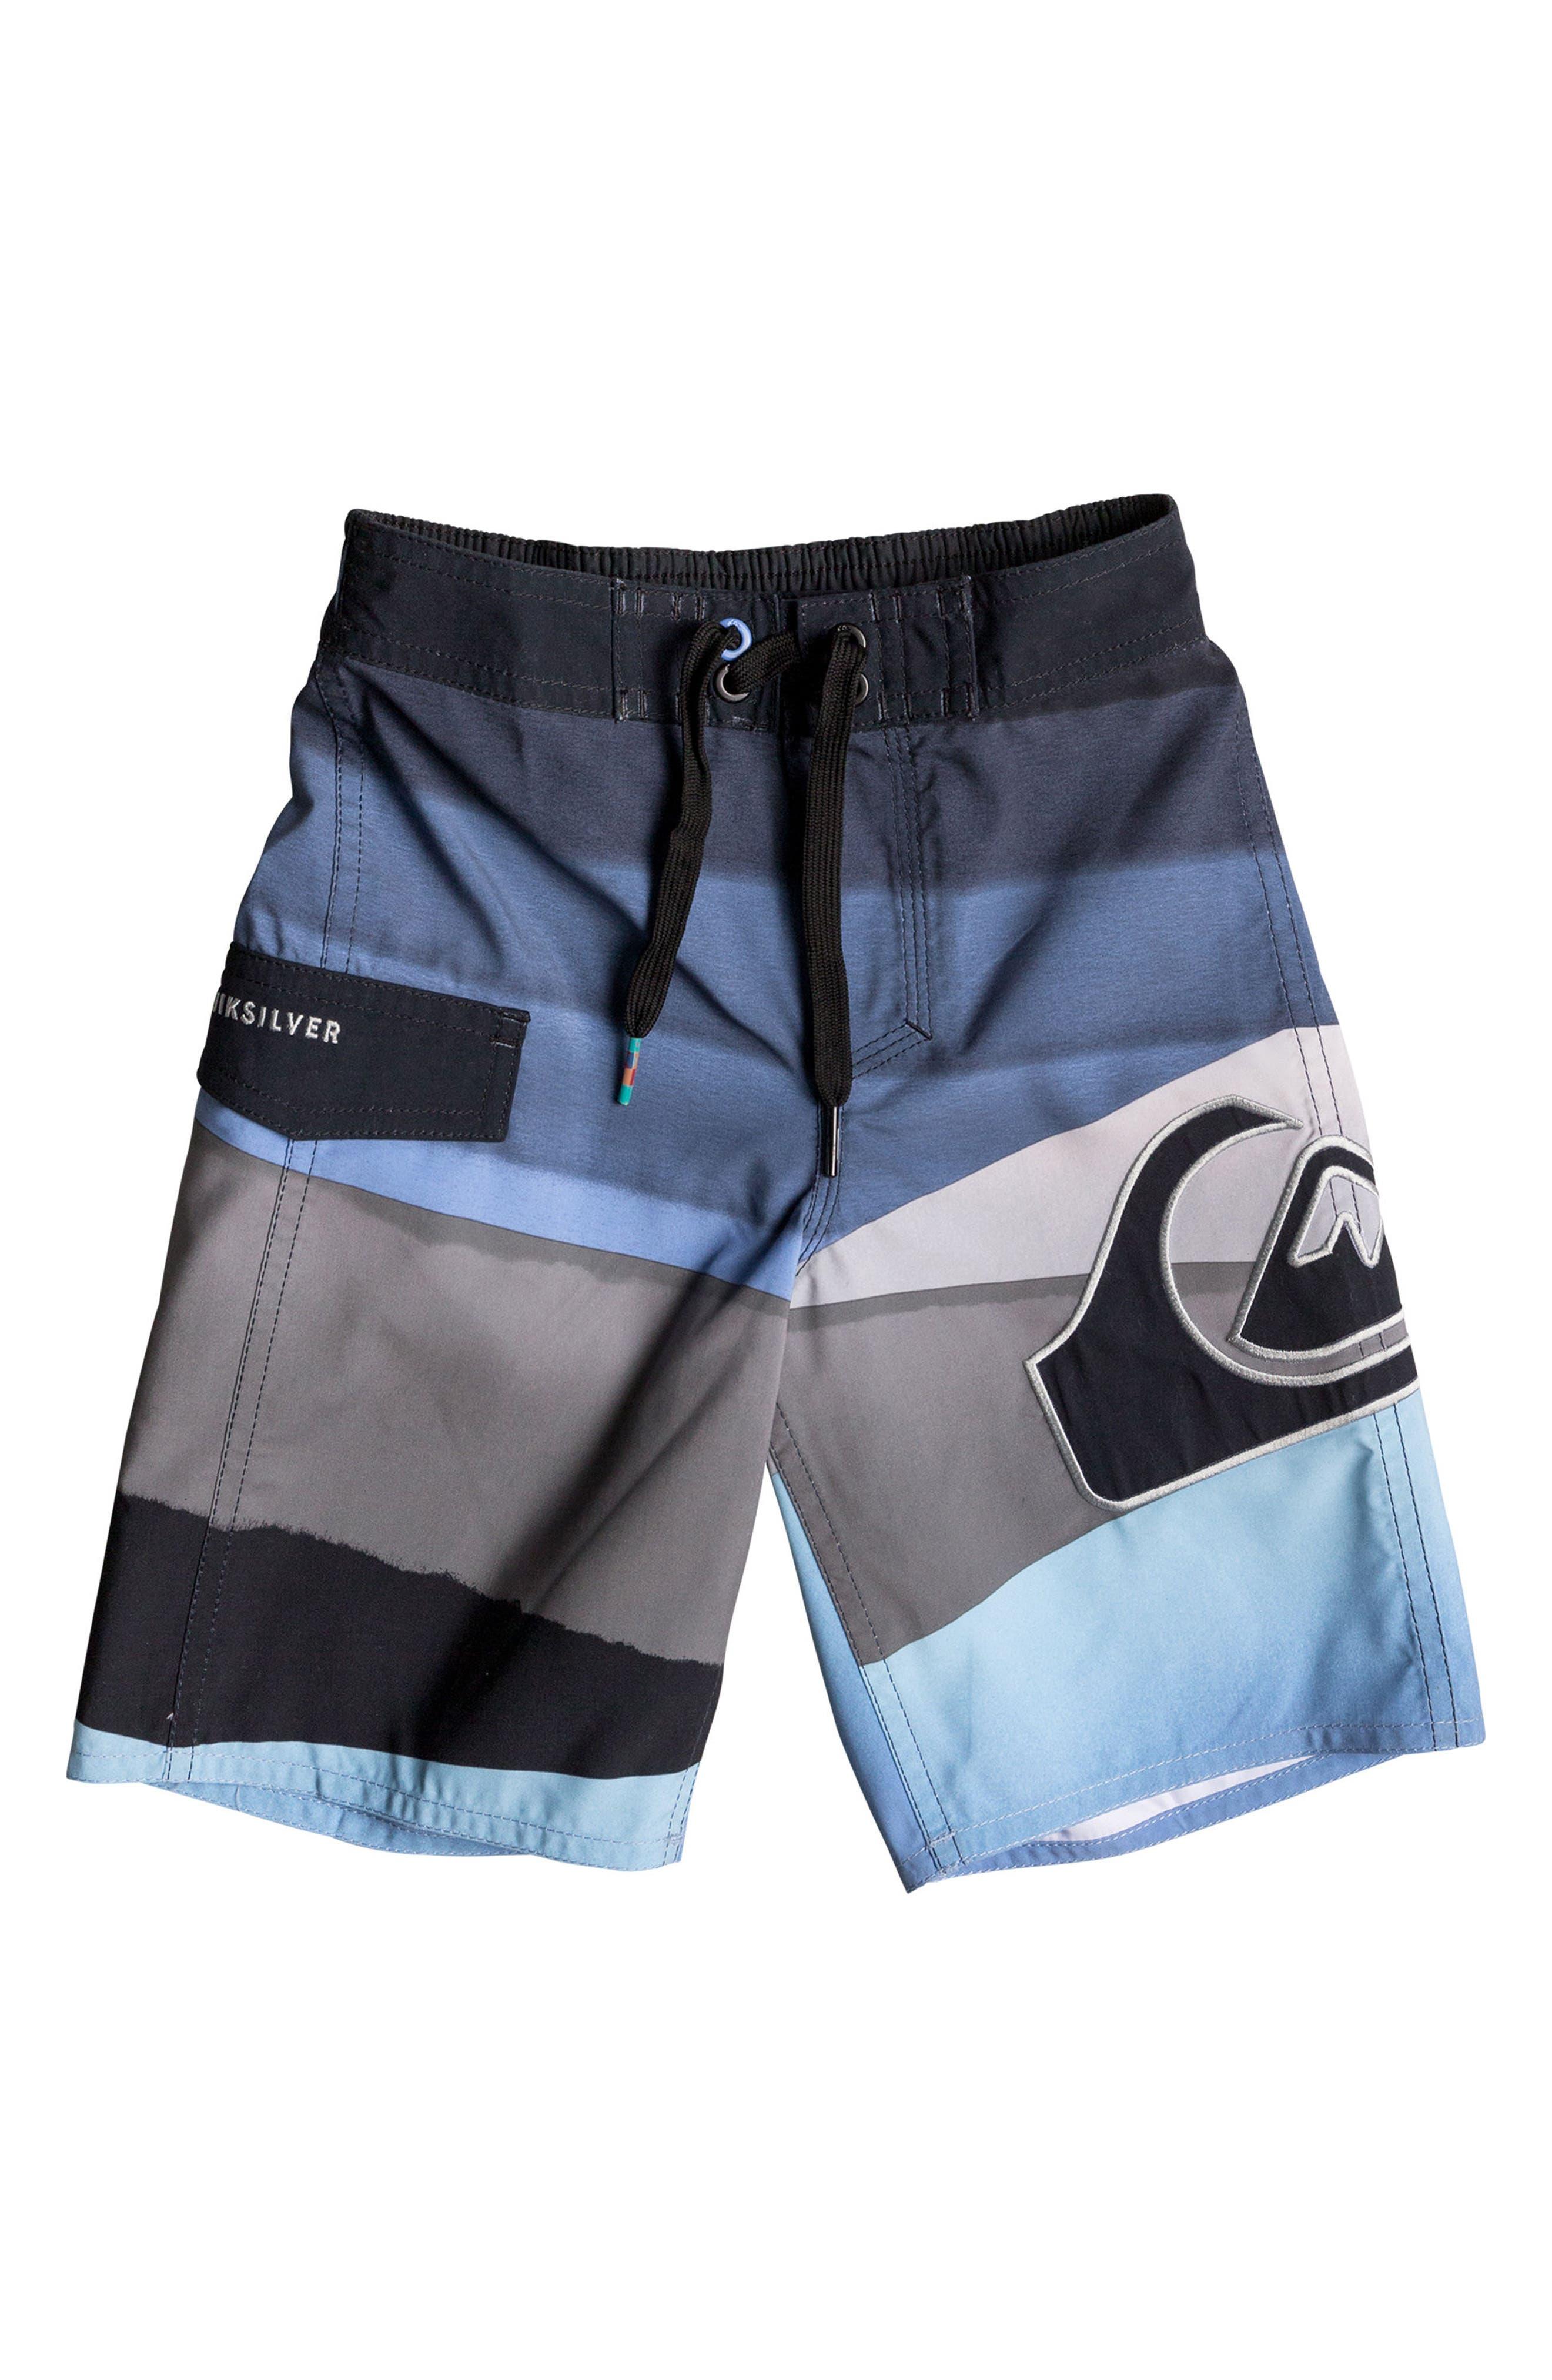 Slash Board Shorts,                             Main thumbnail 1, color,                             440